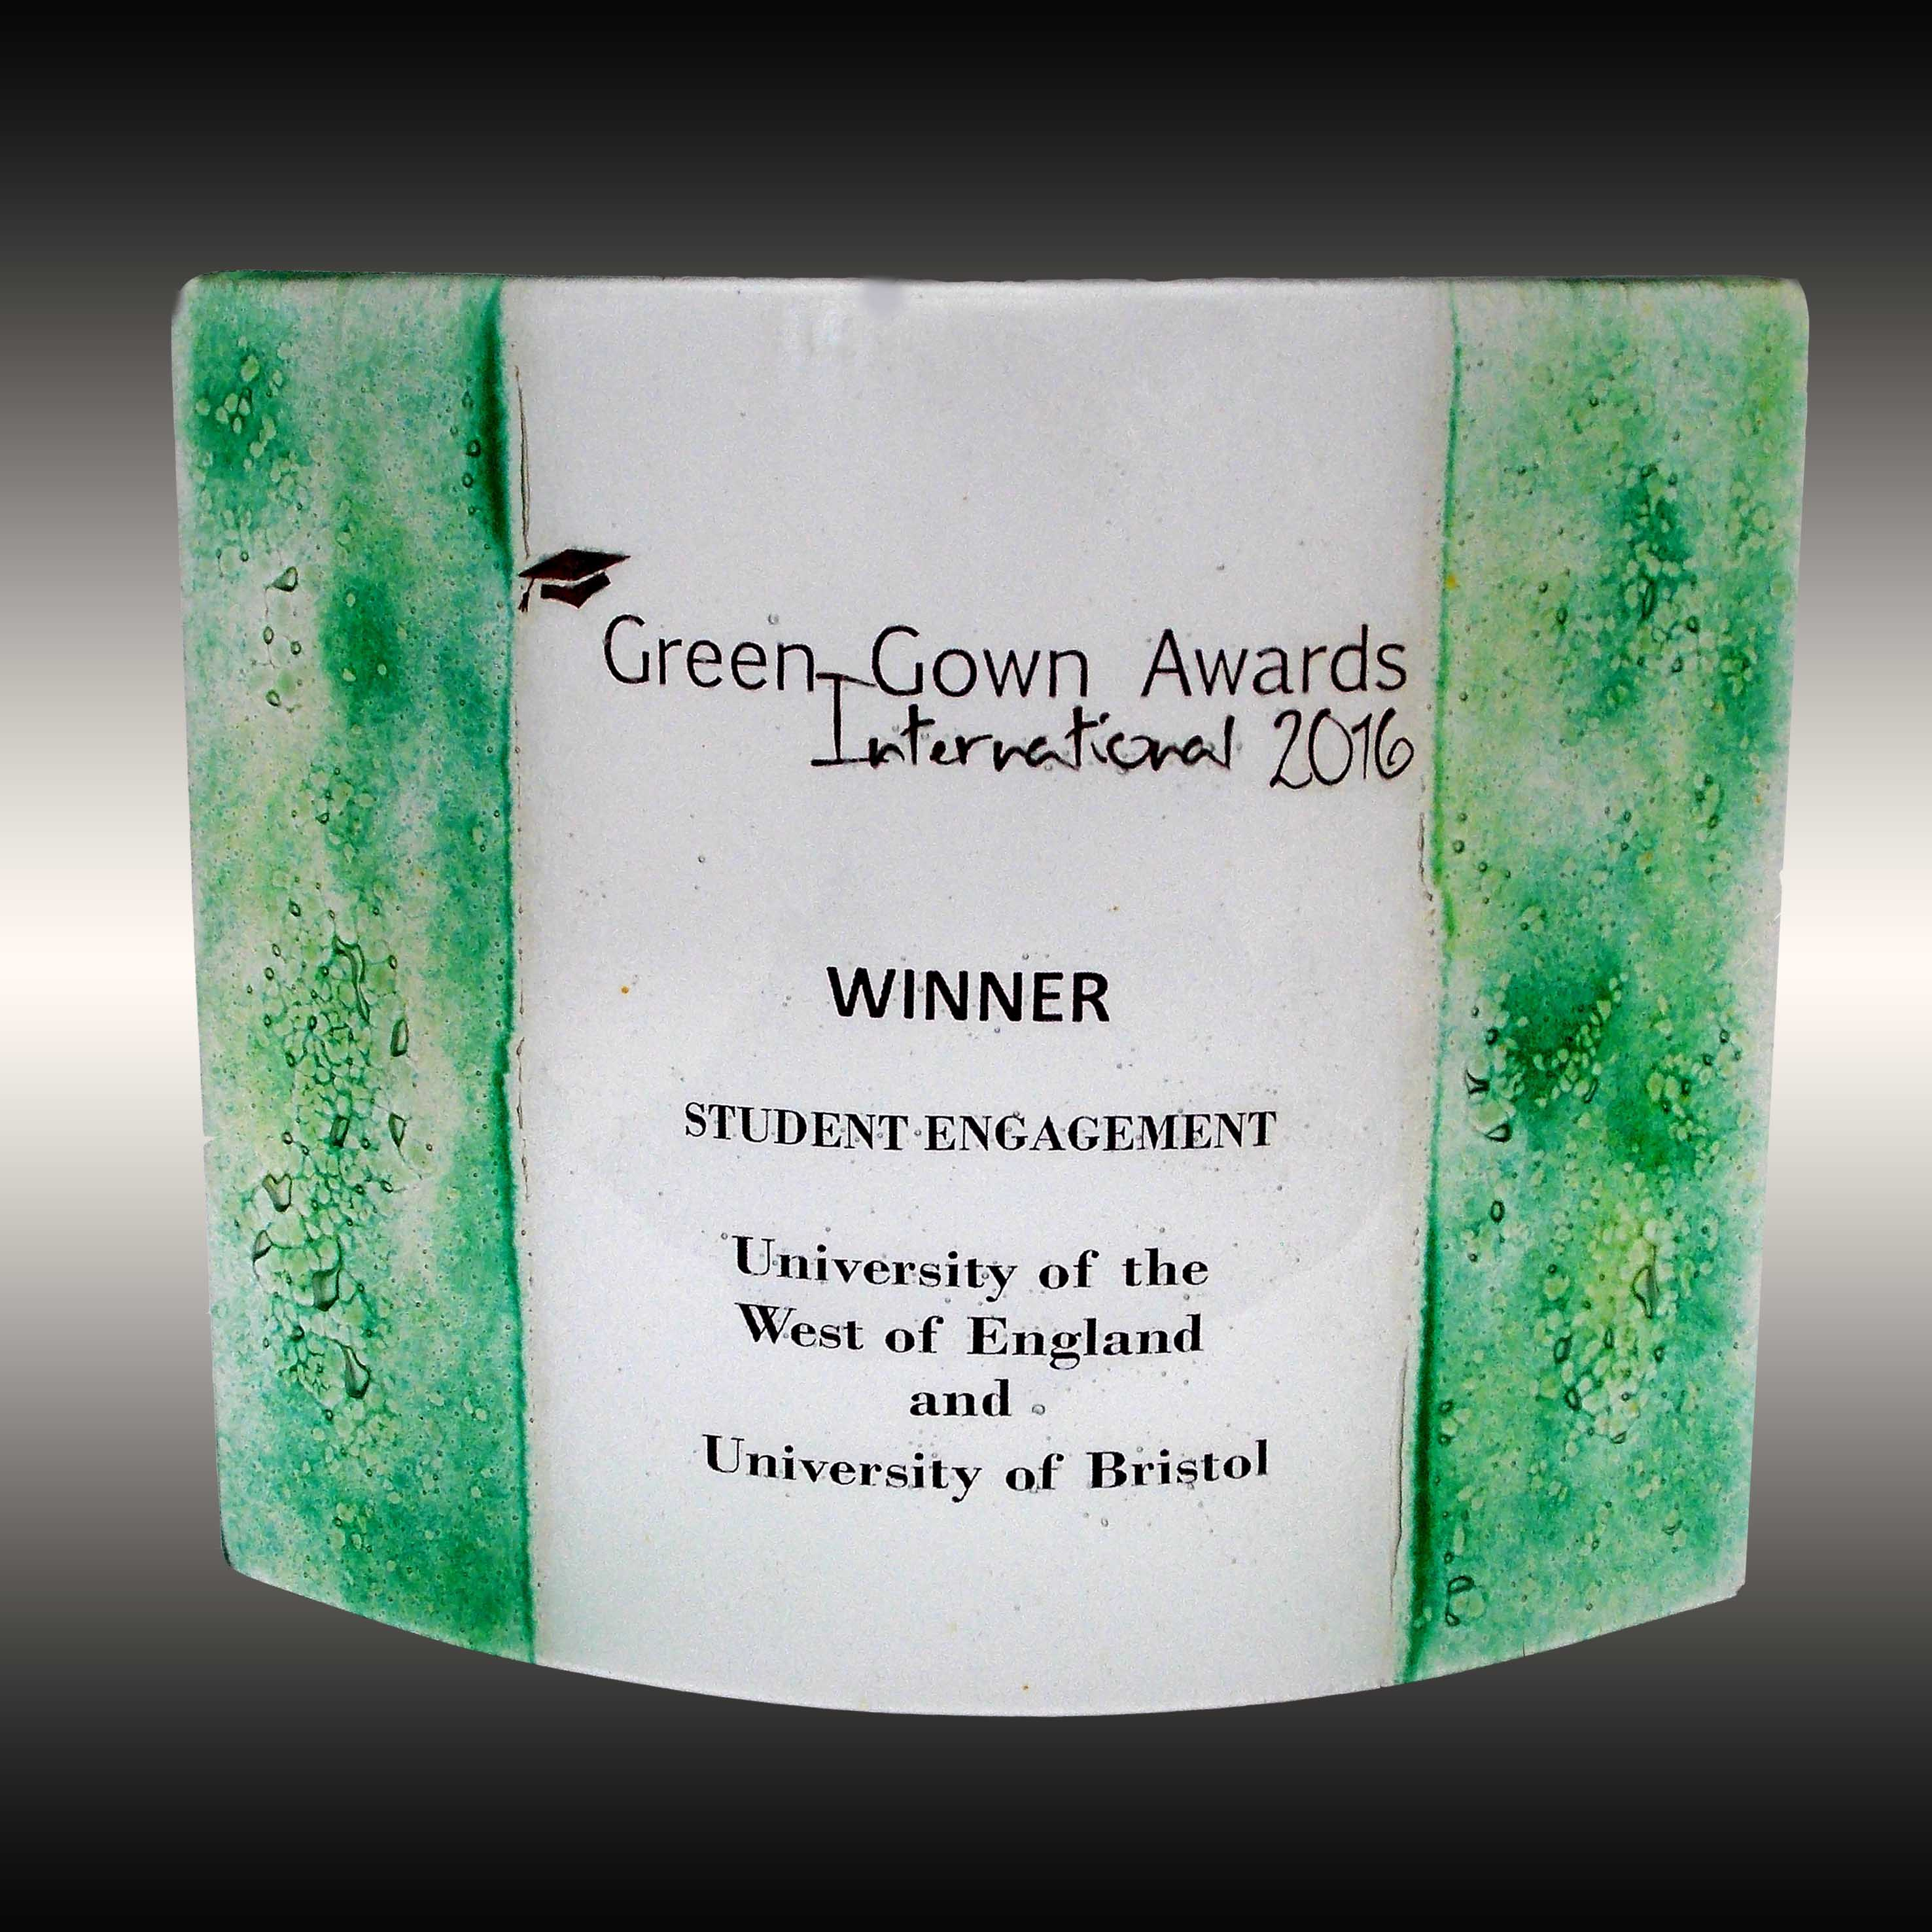 International Green Gown Award 2016